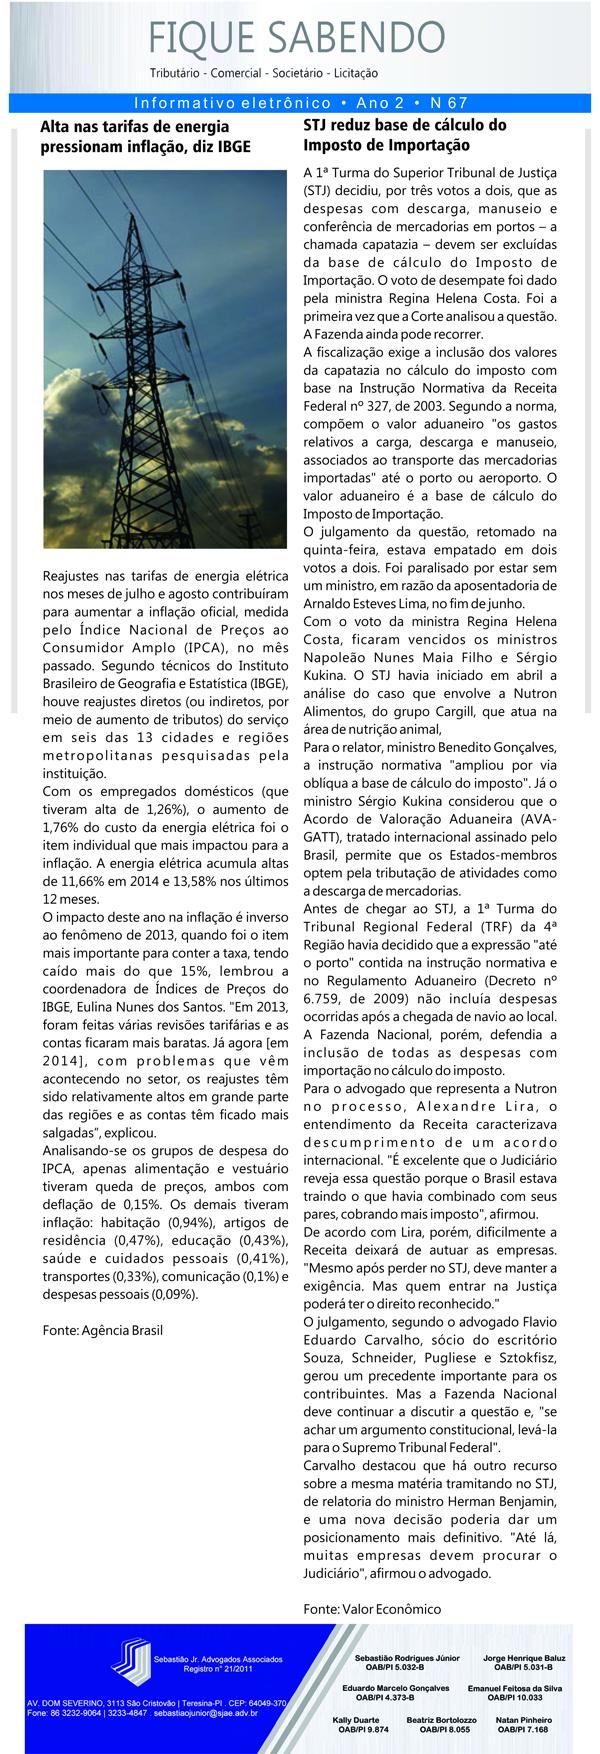 News n° 67- ano 2 - 09.09